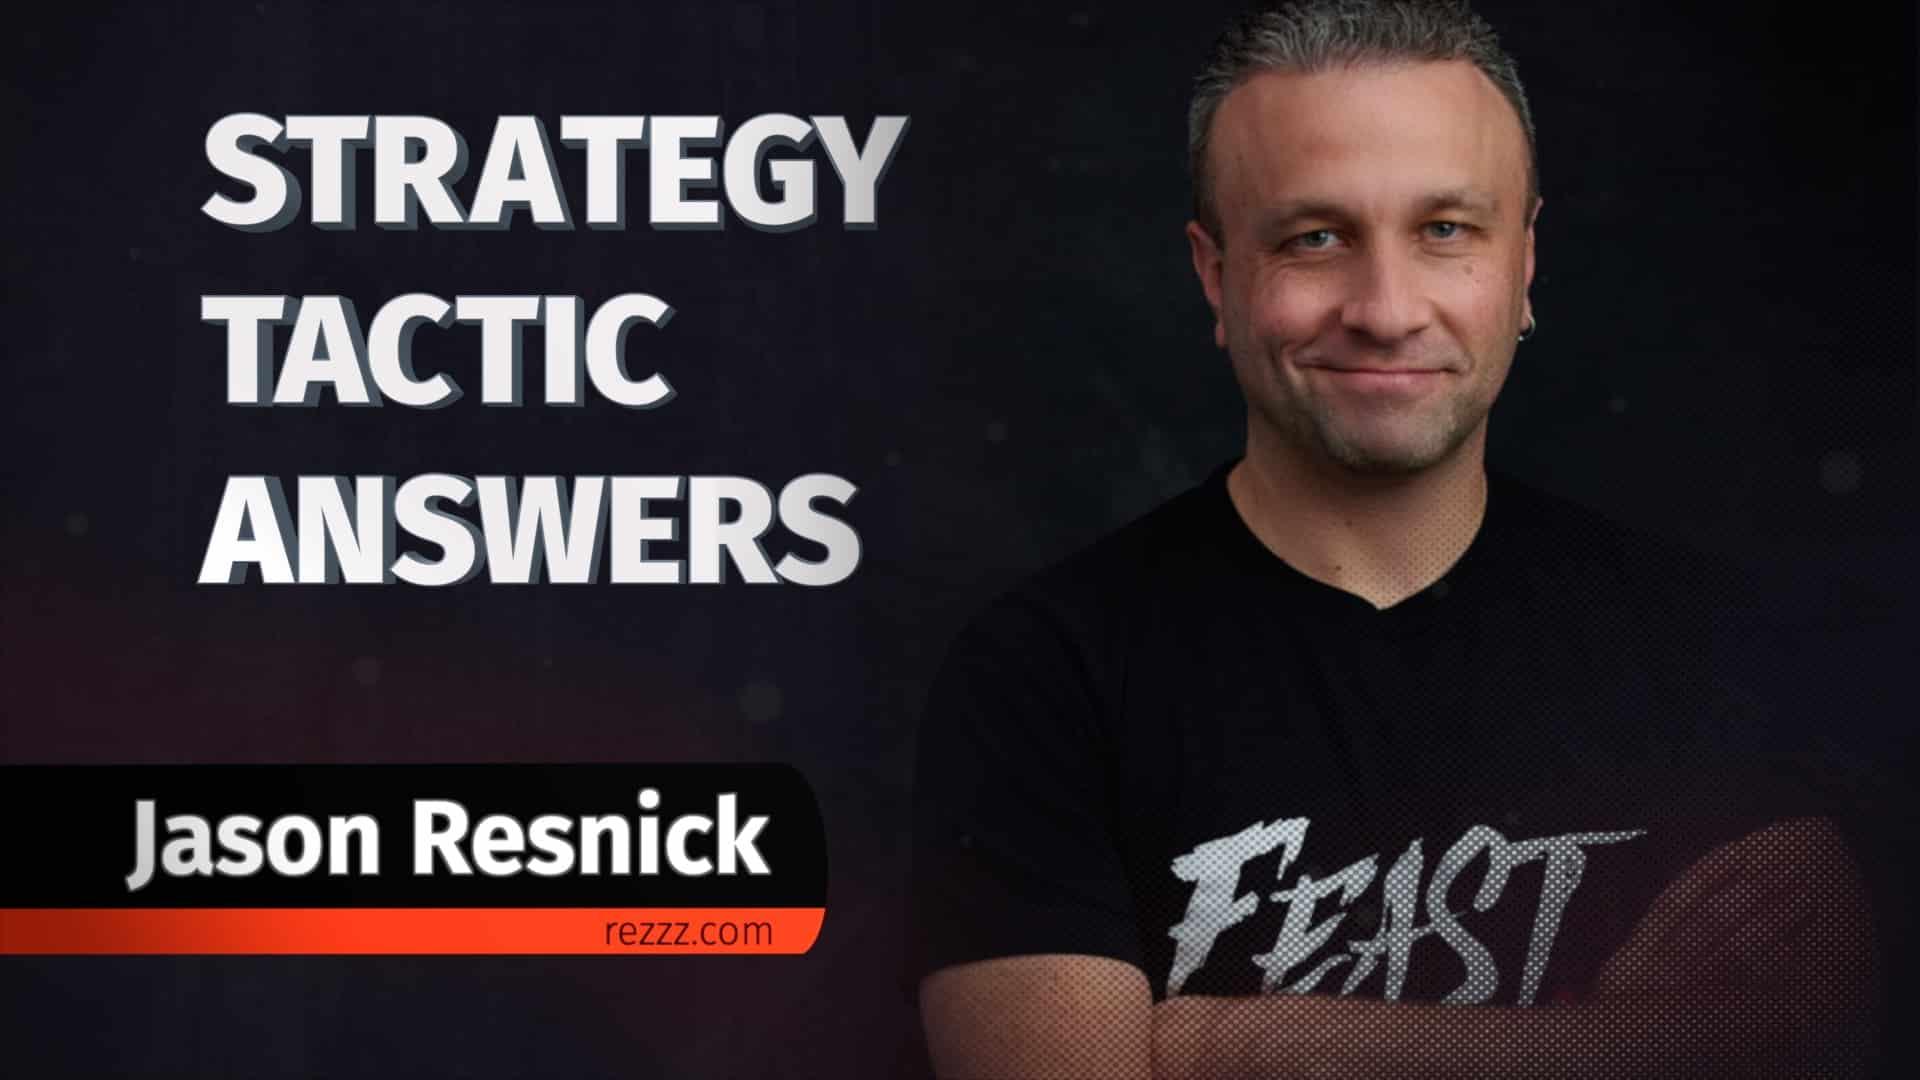 Jason Resnick example still